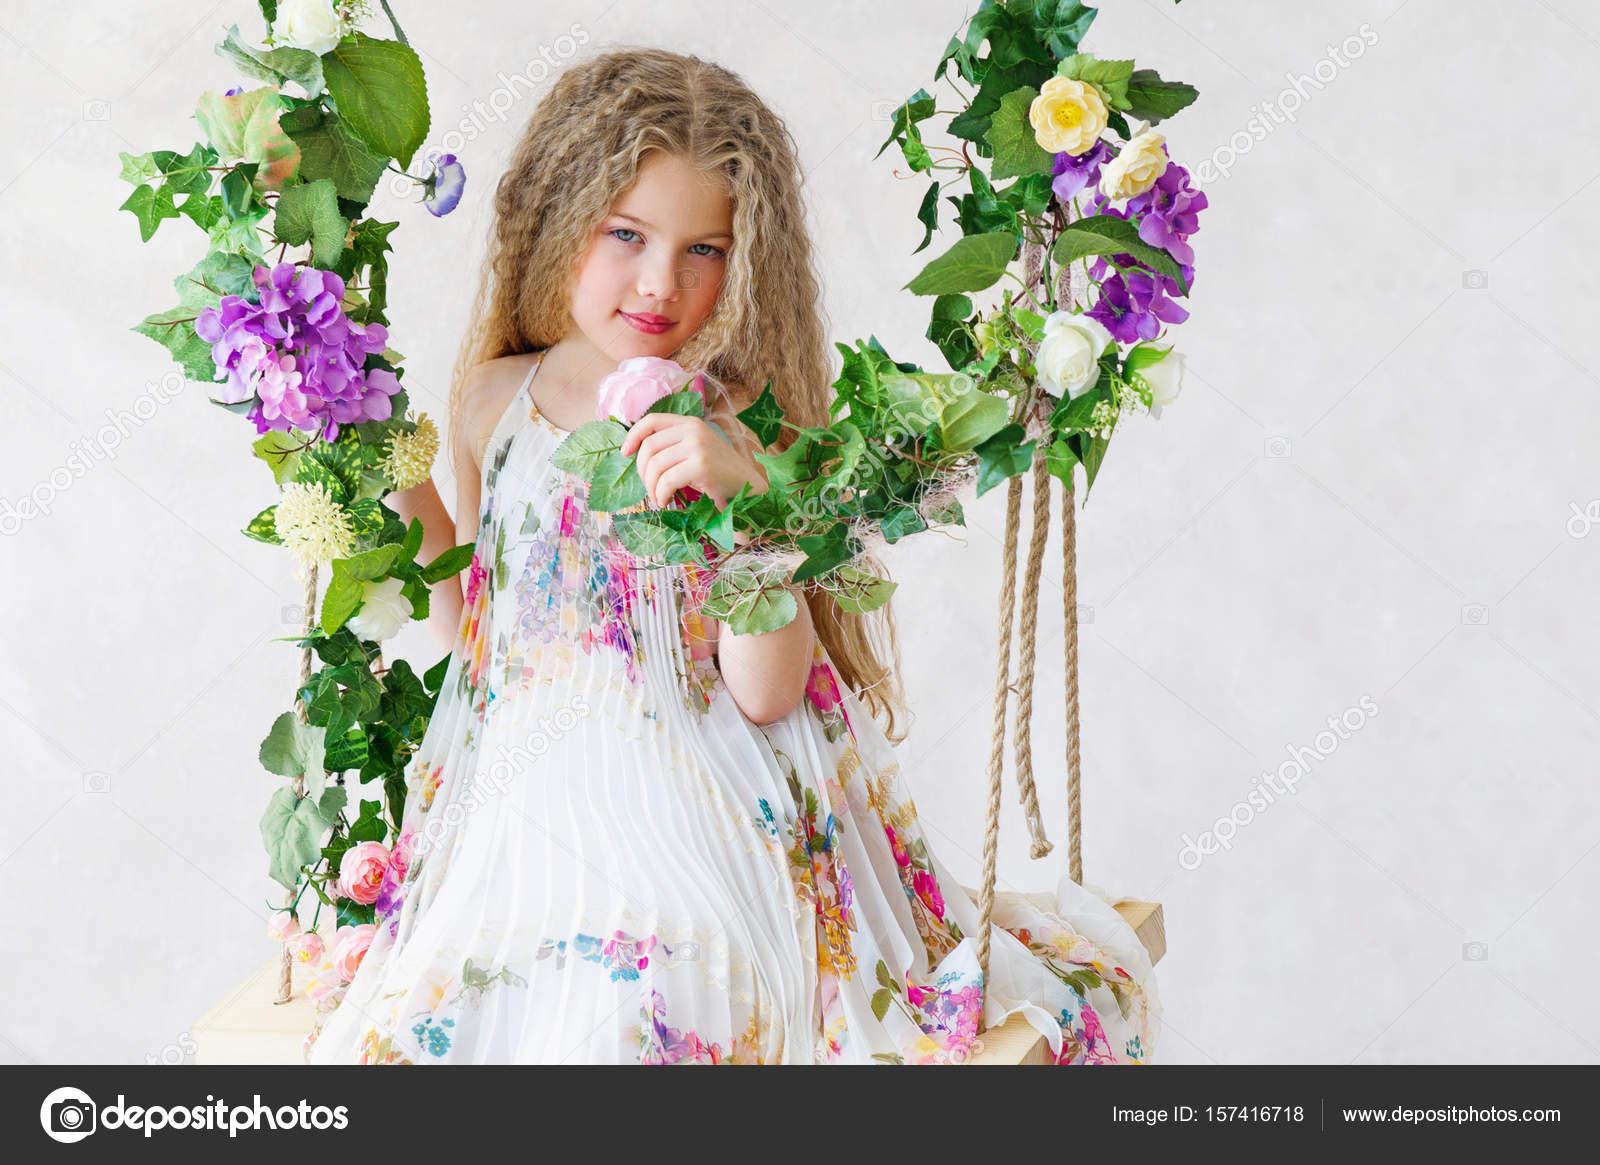 Schöne Mädchen auf einer Schaukel Blume — Stockfoto © zoiakostina ...